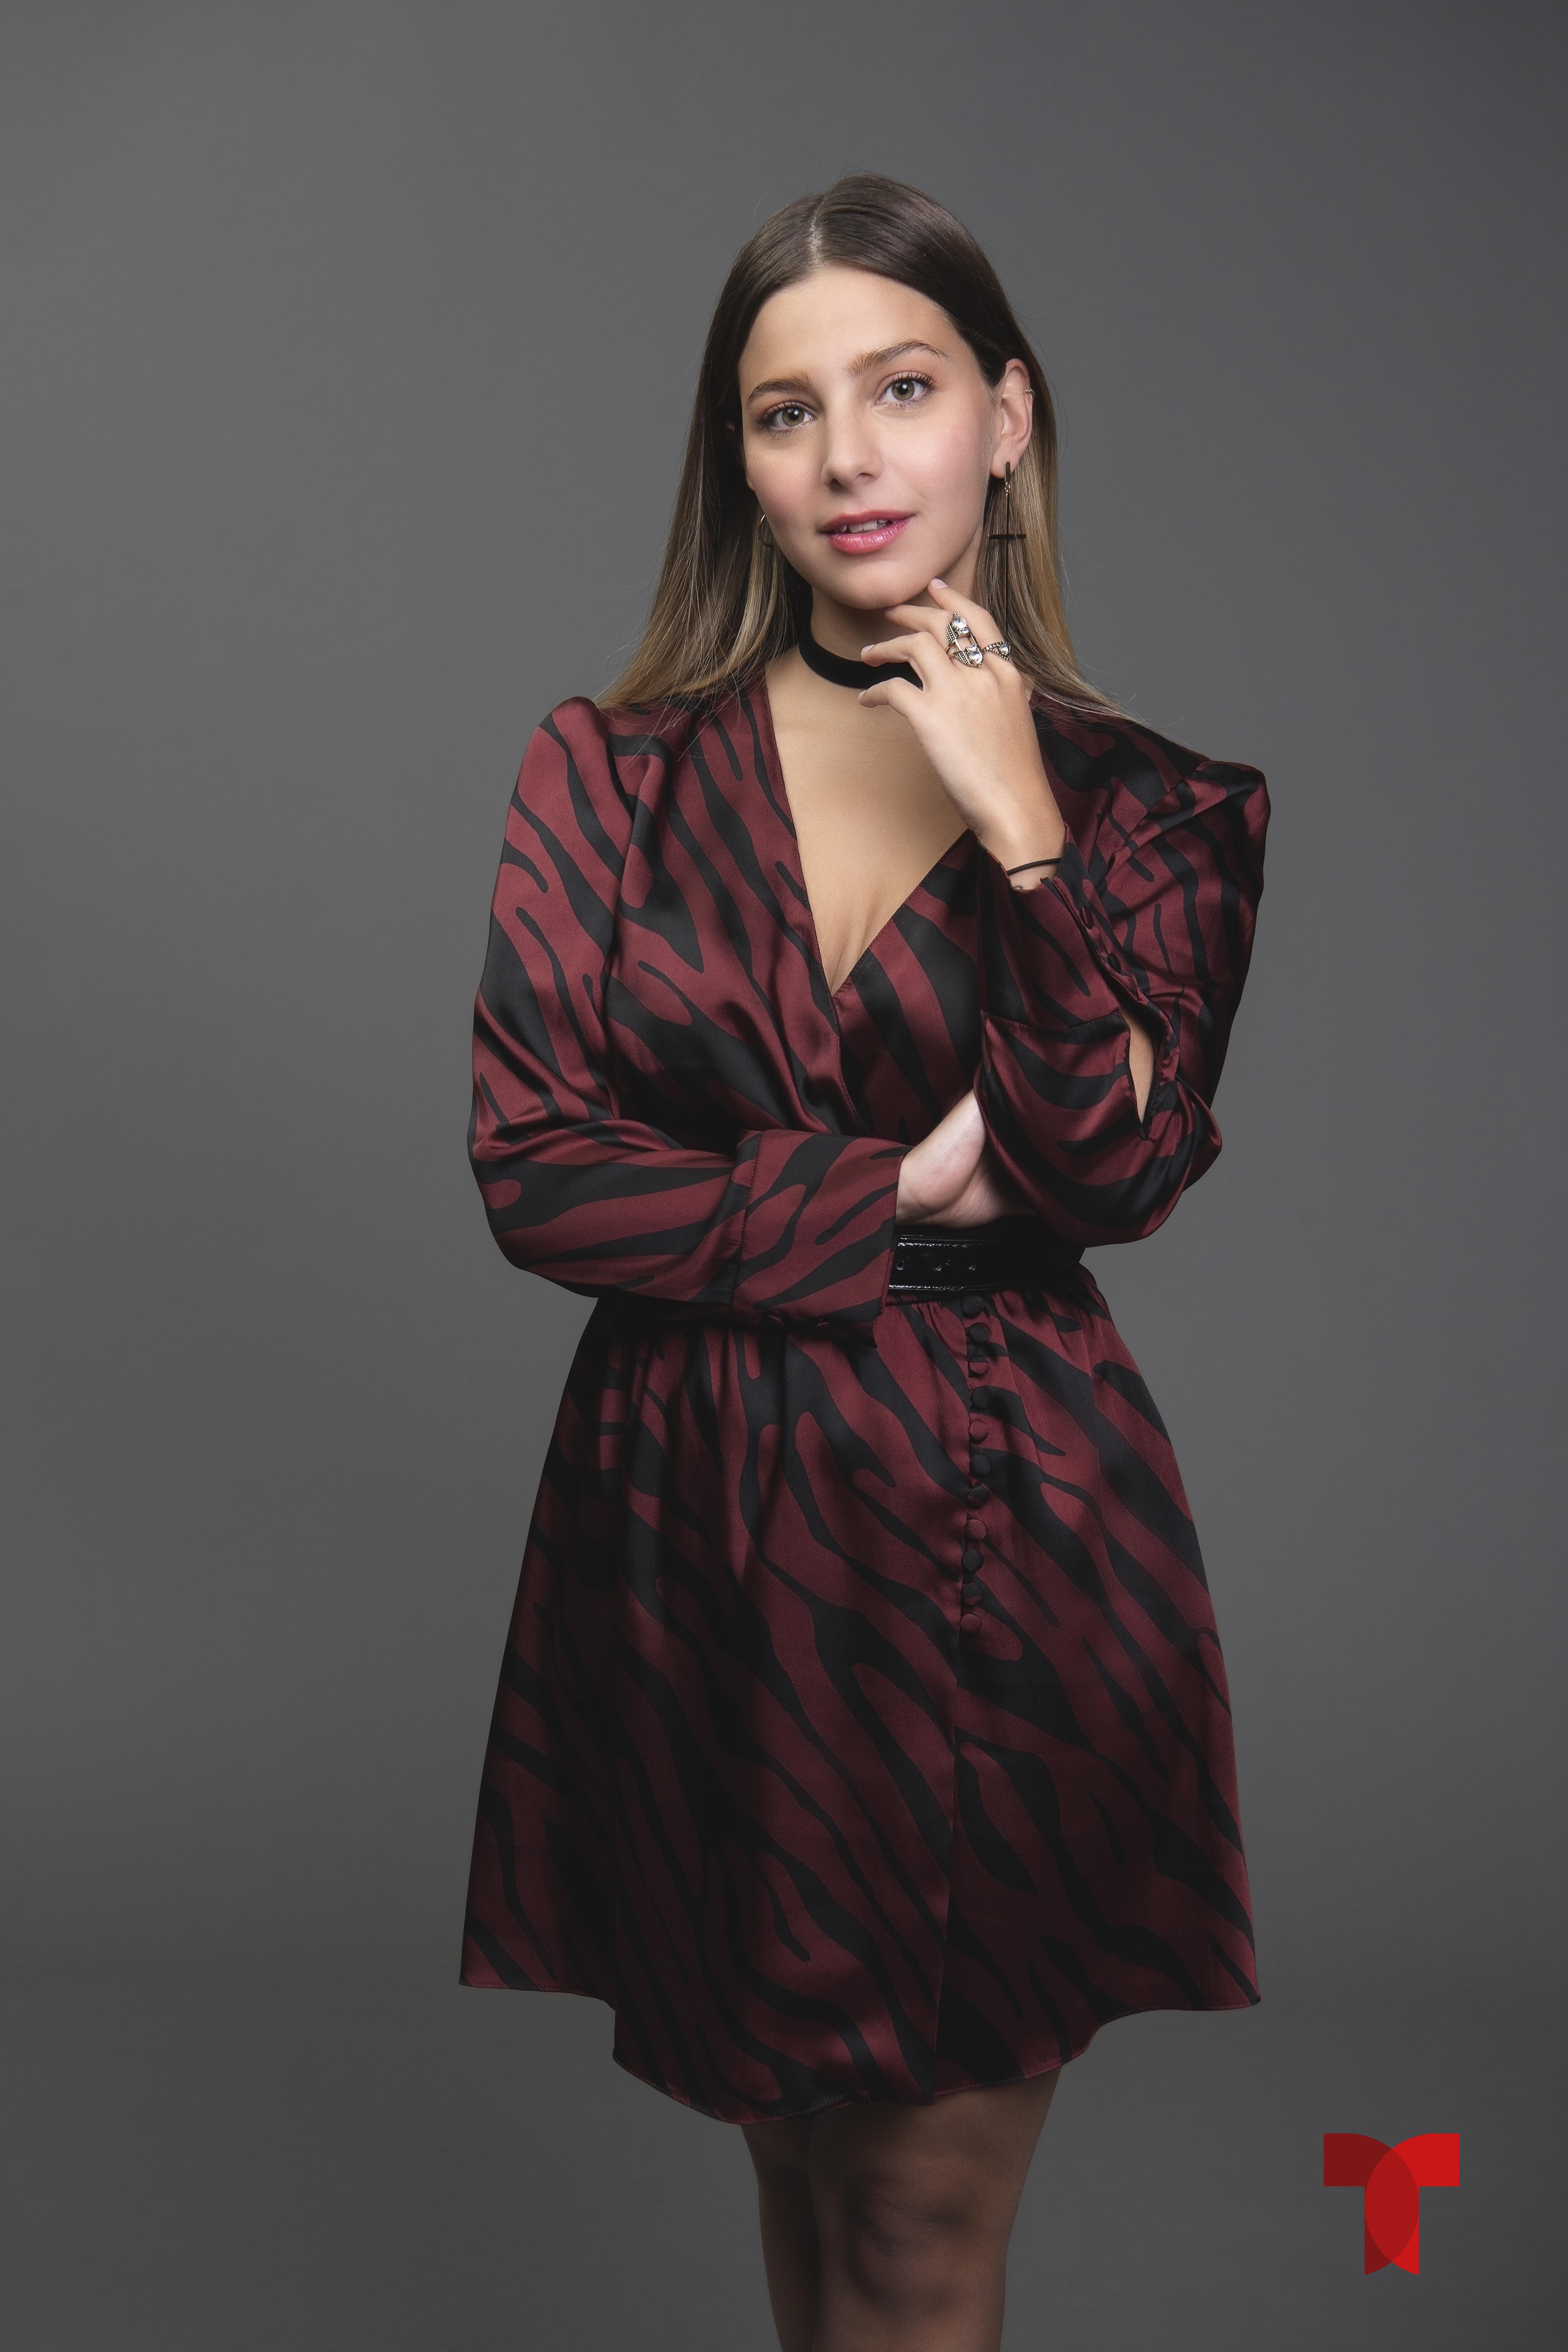 Renata Manterola